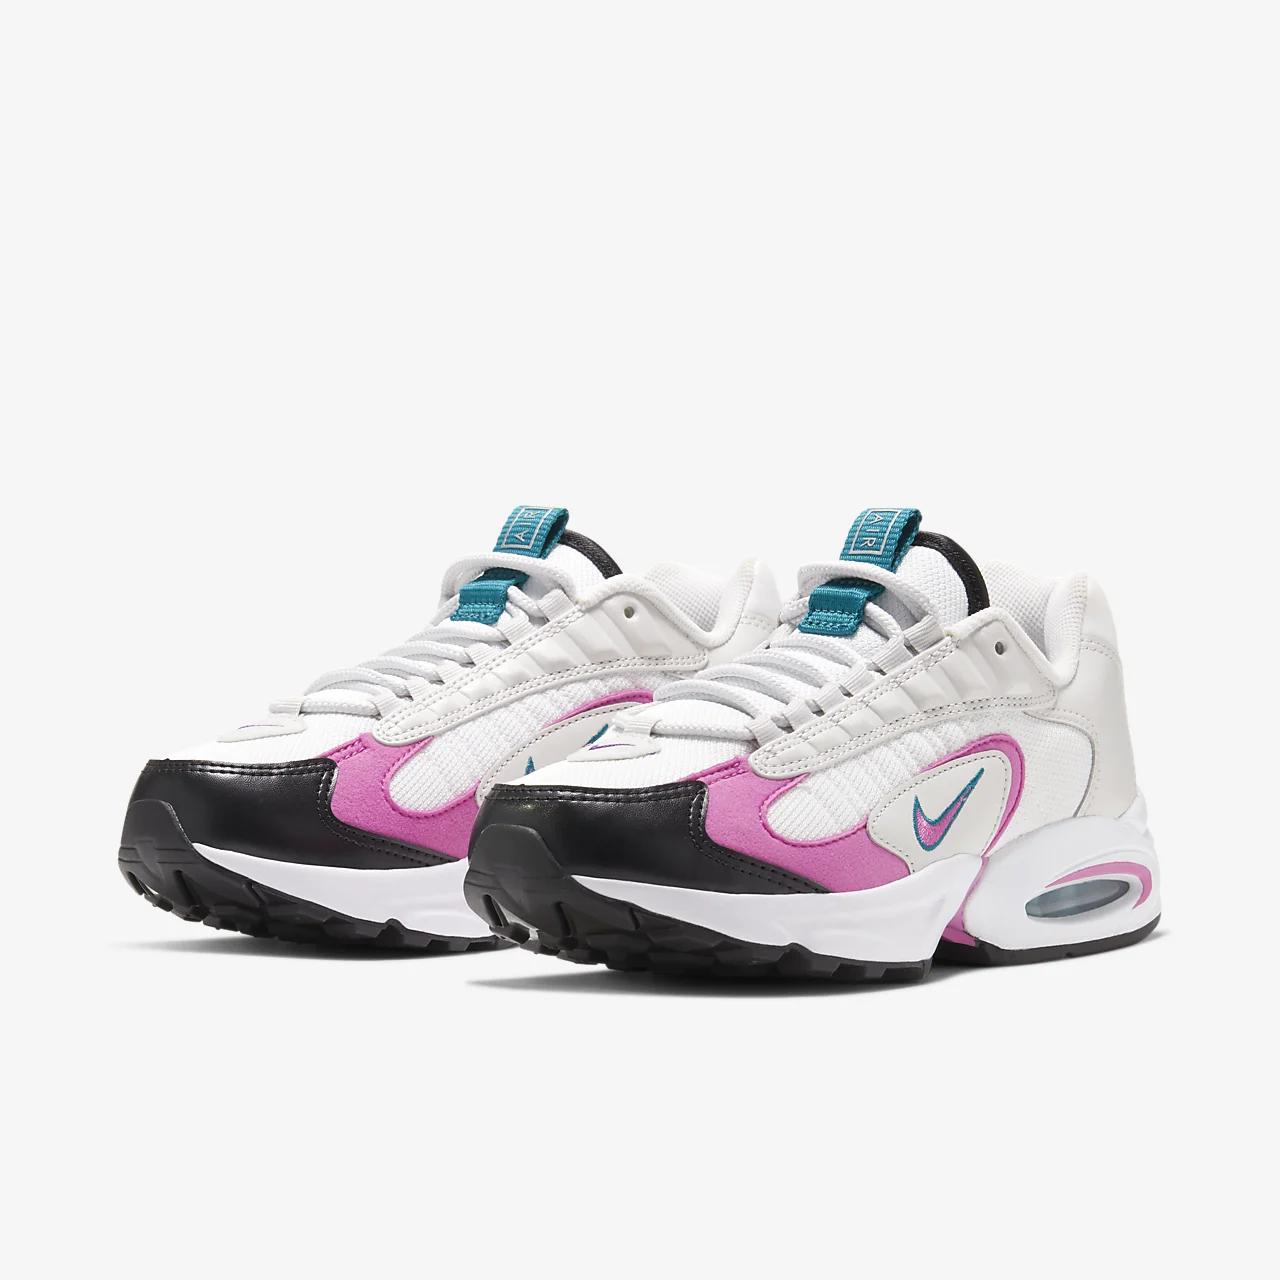 유럽직배송 나이키 NIKE Nike Air Max Triax 96 Women's Shoe CQ4250-102